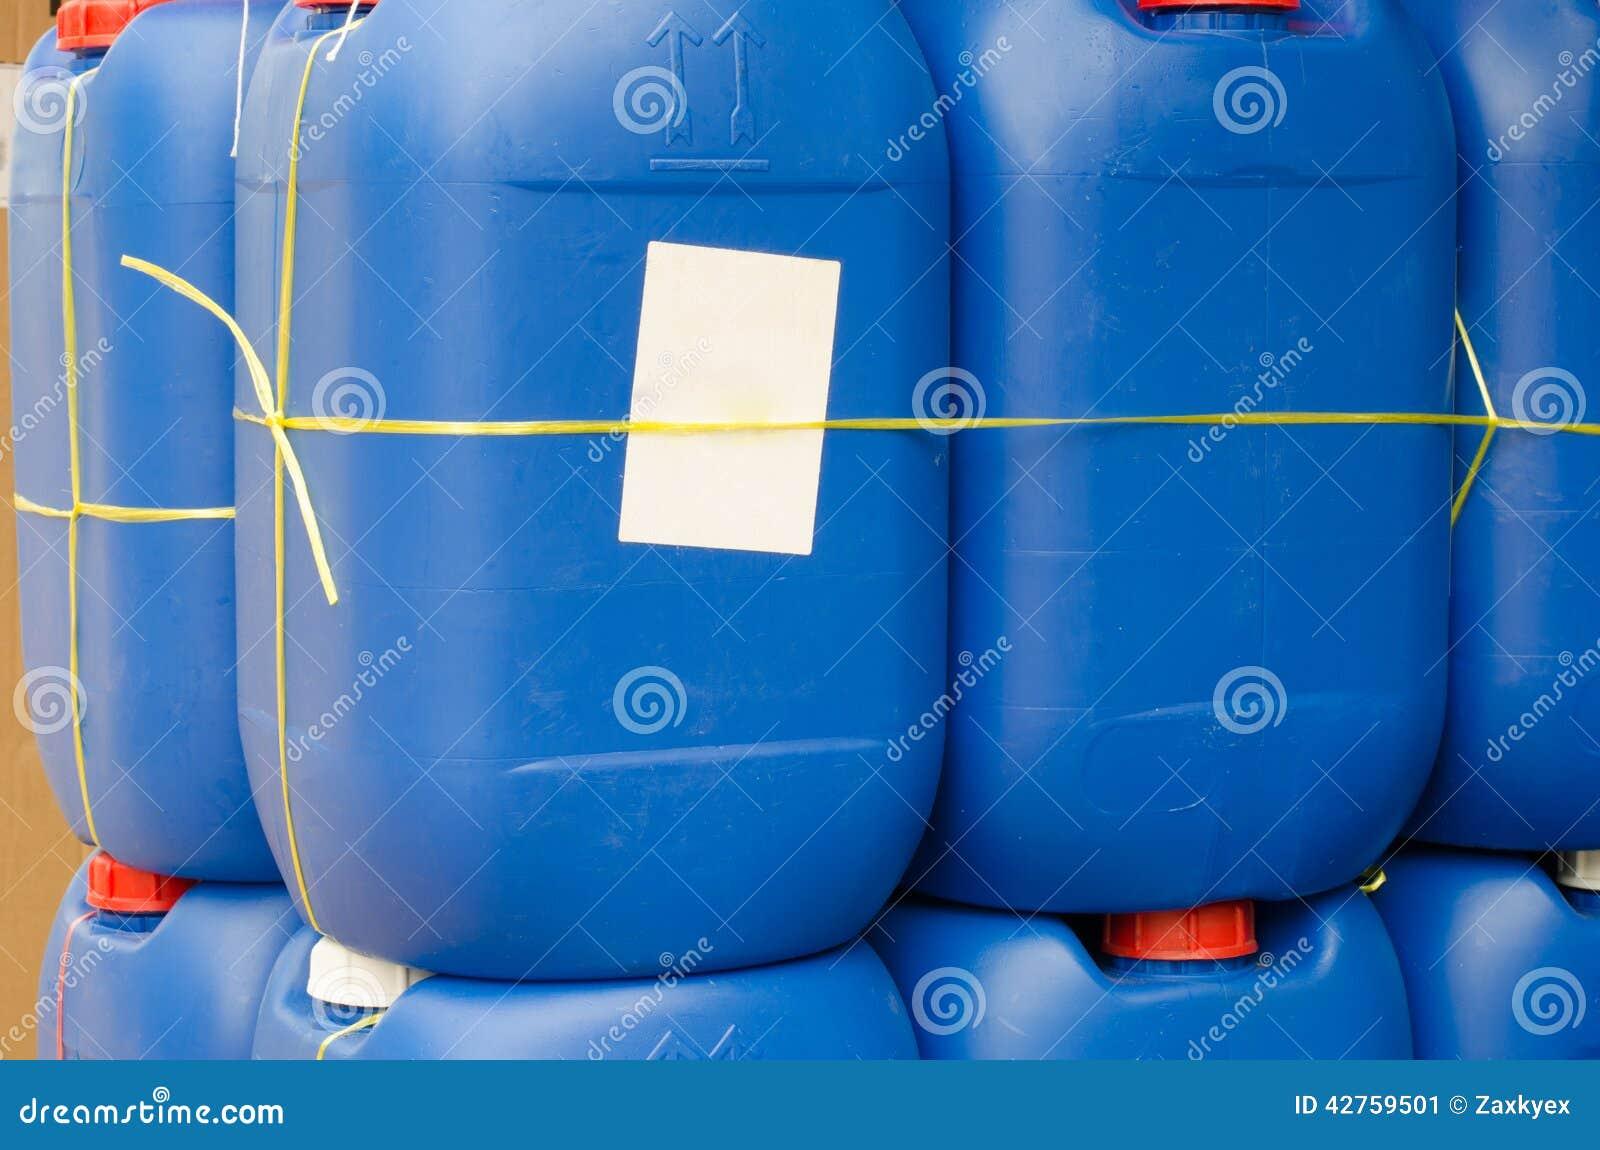 Venta del galón plástico azul